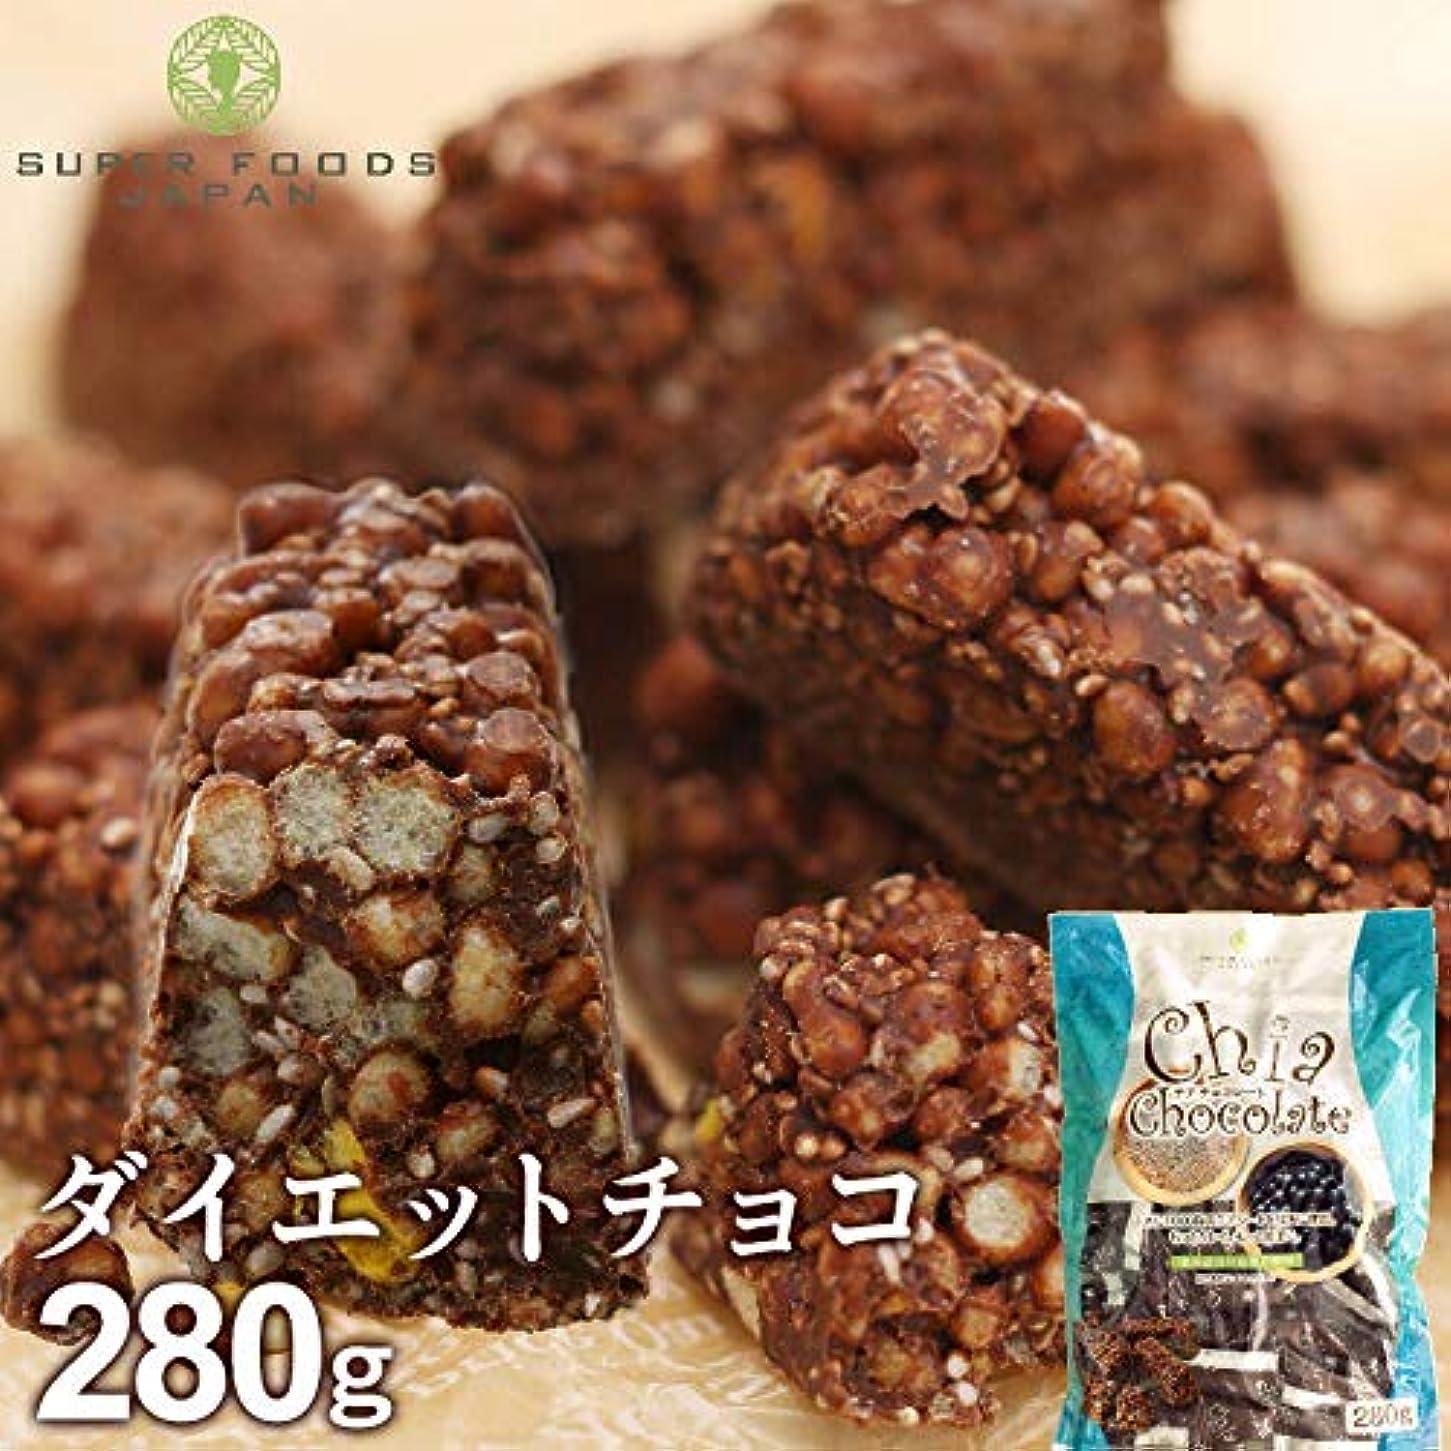 条約ダイヤル甘味ダイエットチョコ チアチョコレート 280g 1本にホワイトチアシード1,000粒入